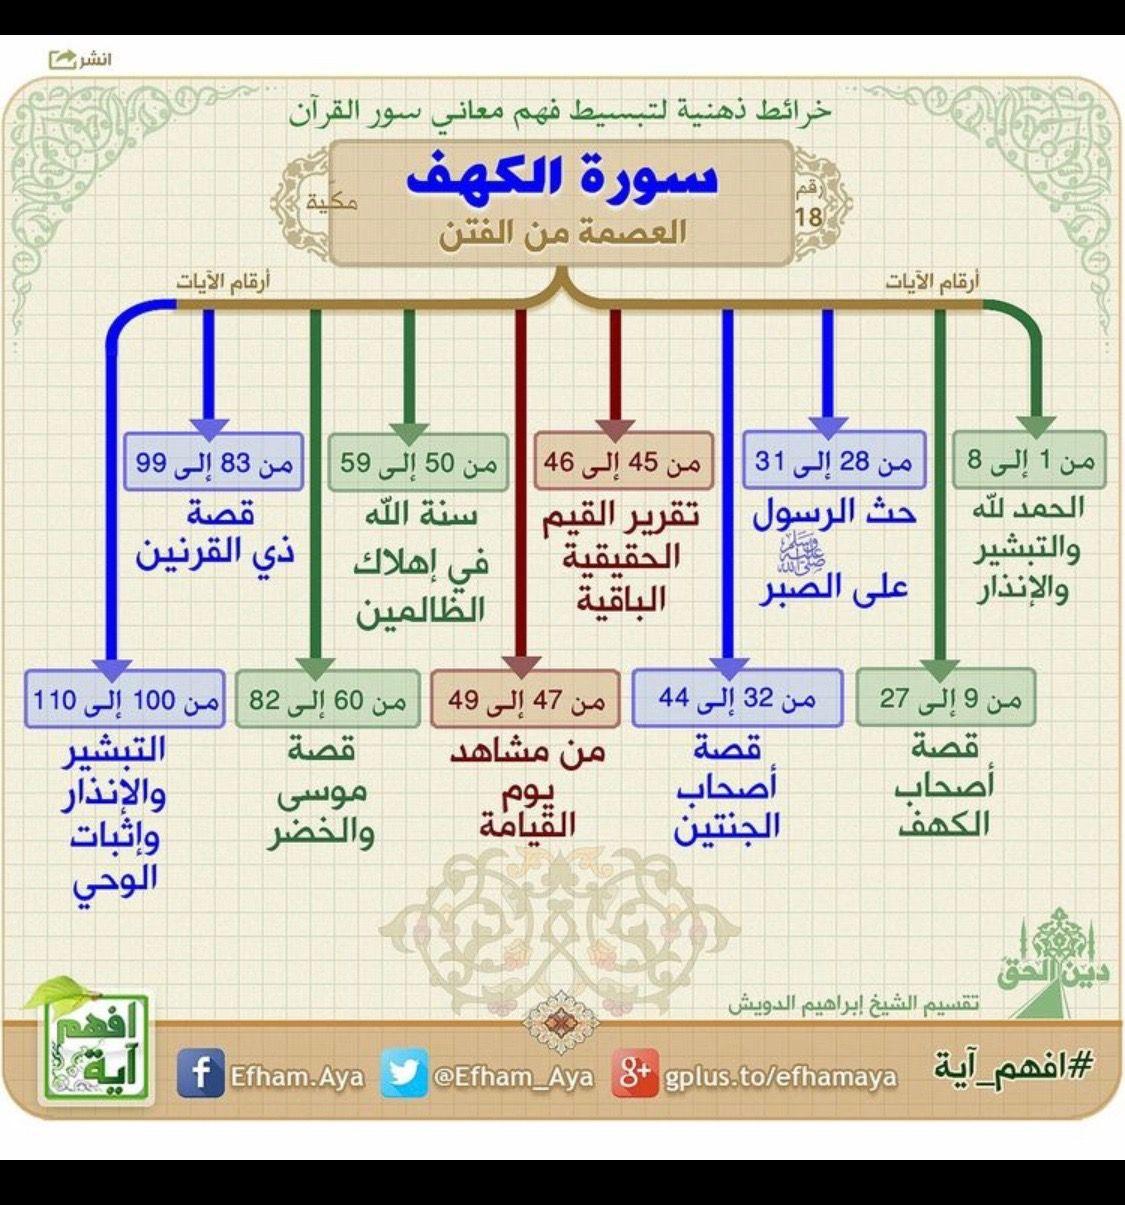 Pin By لا حول ولا قوة إلا بالله الله On ديني نجاتي Quran Tafseer Quran Recitation Quran Book